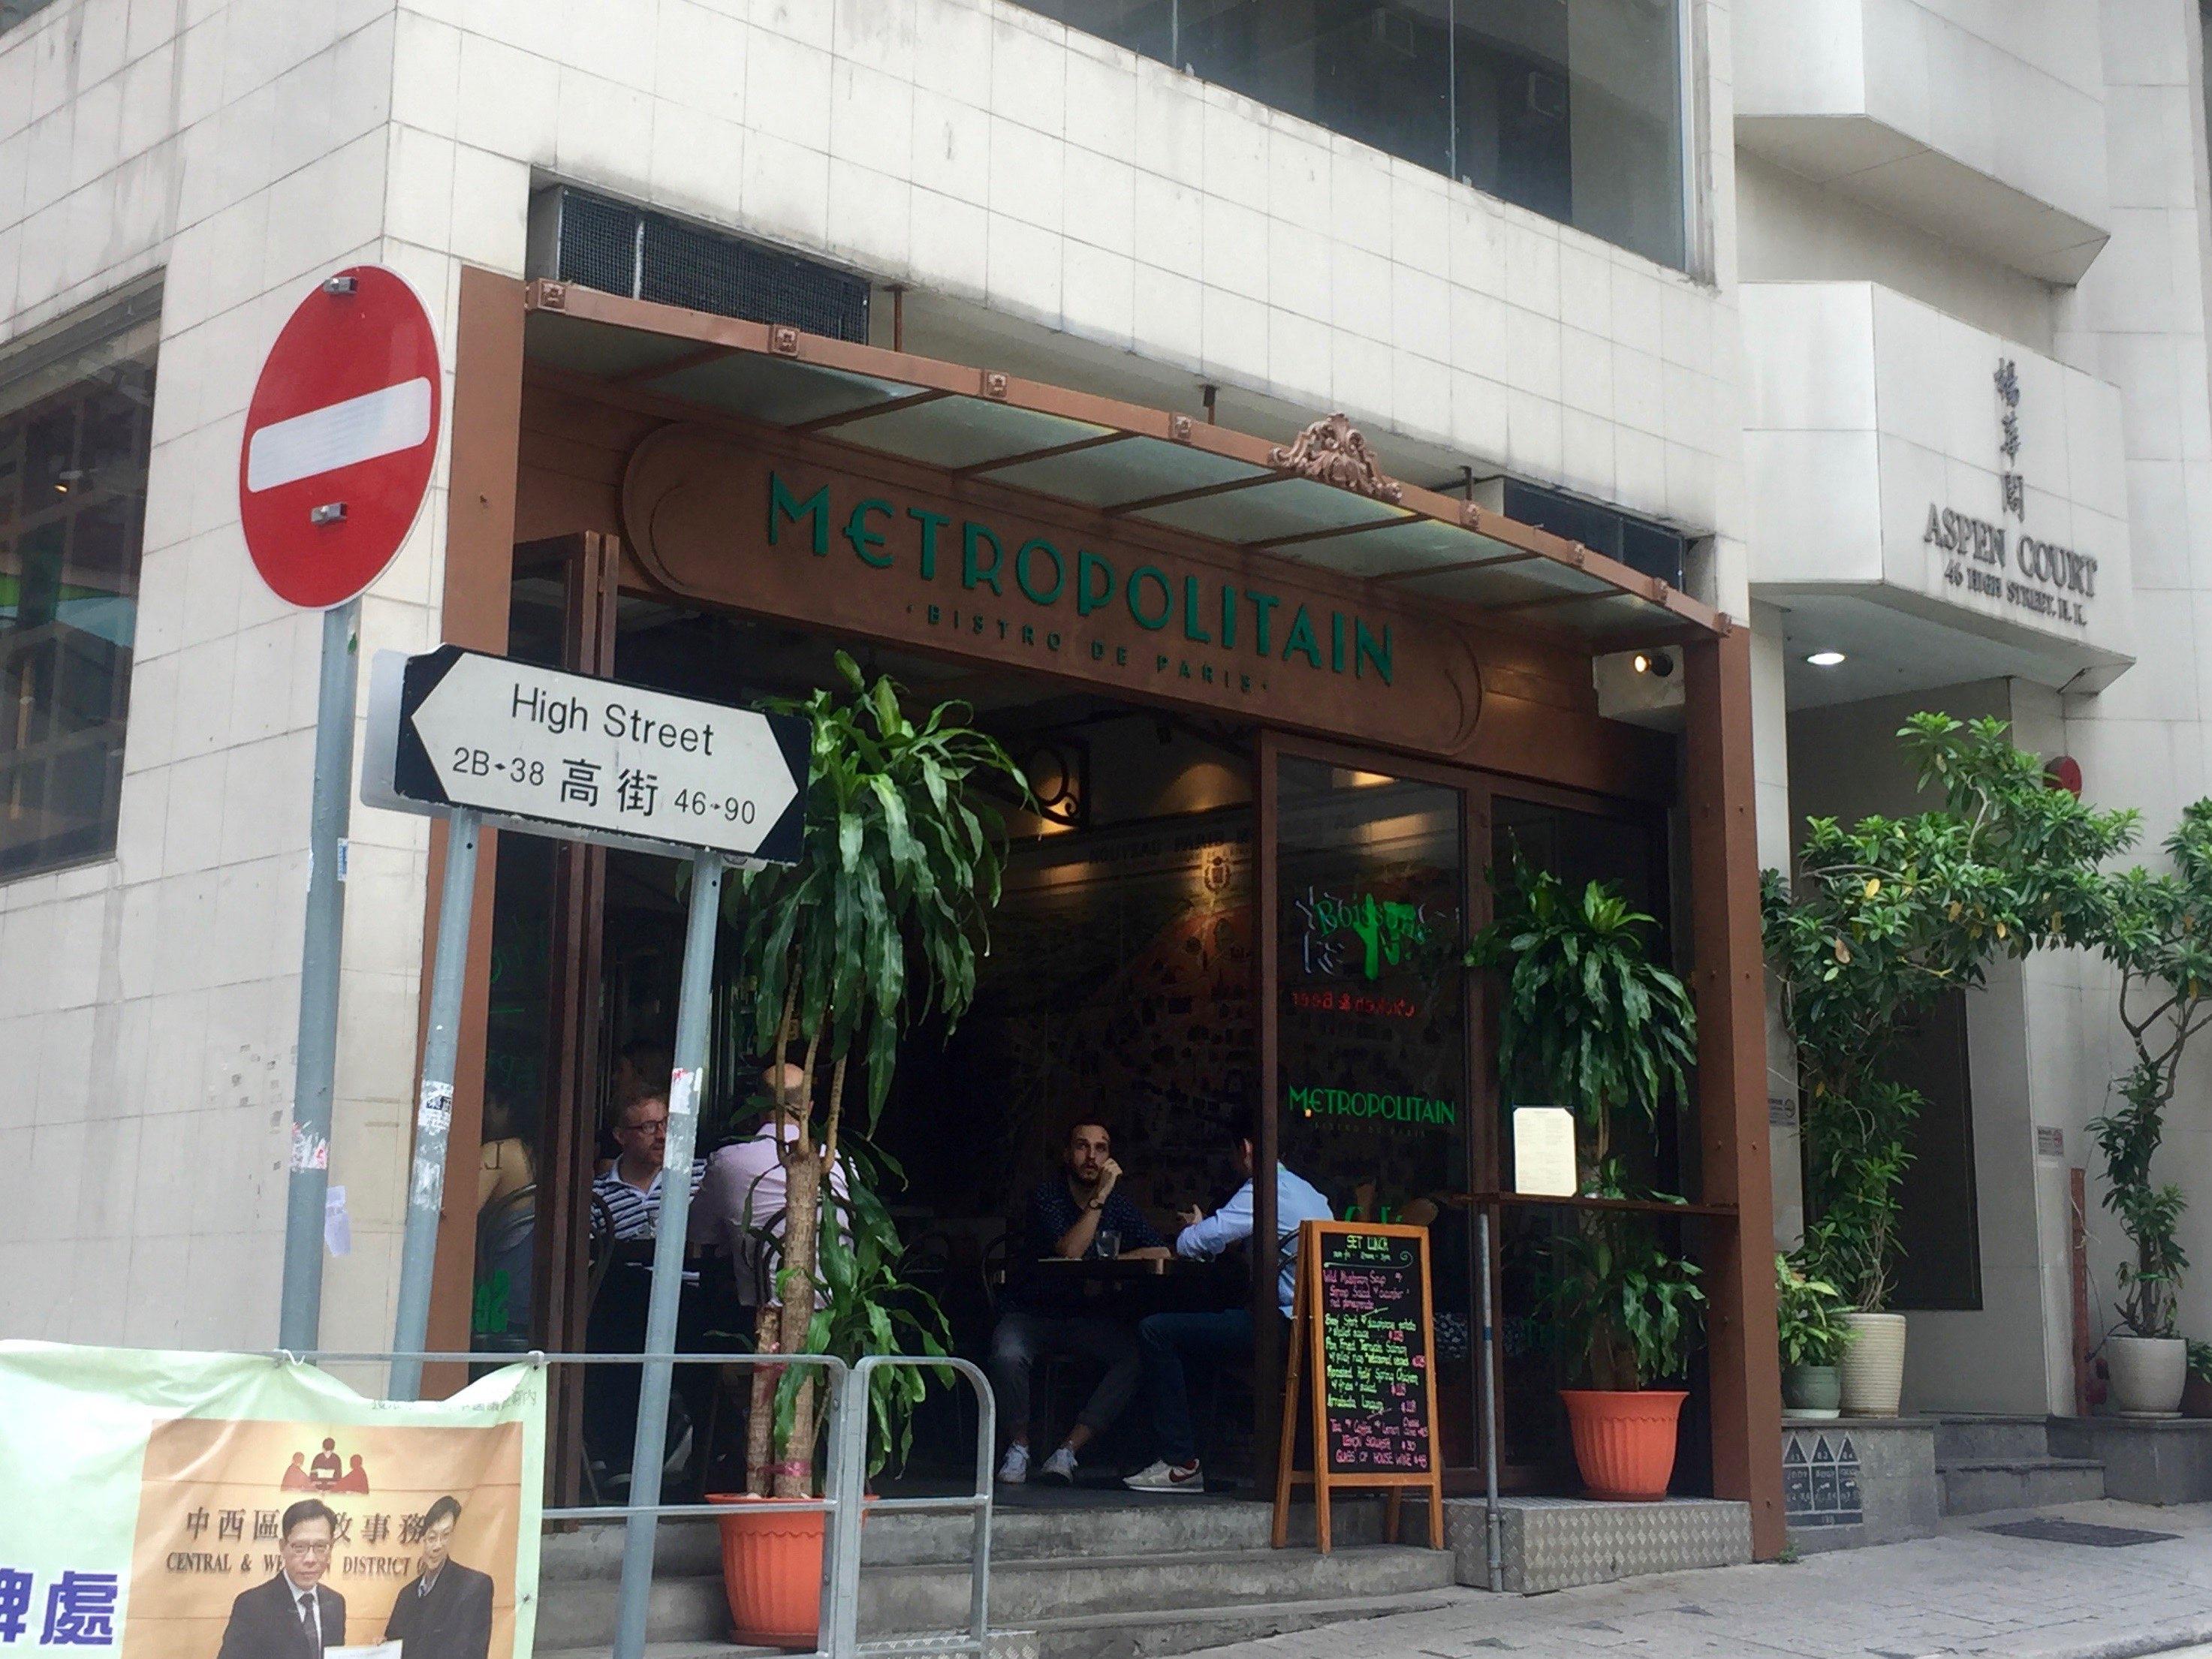 High Street well-established foodie area Sai Ying Pun